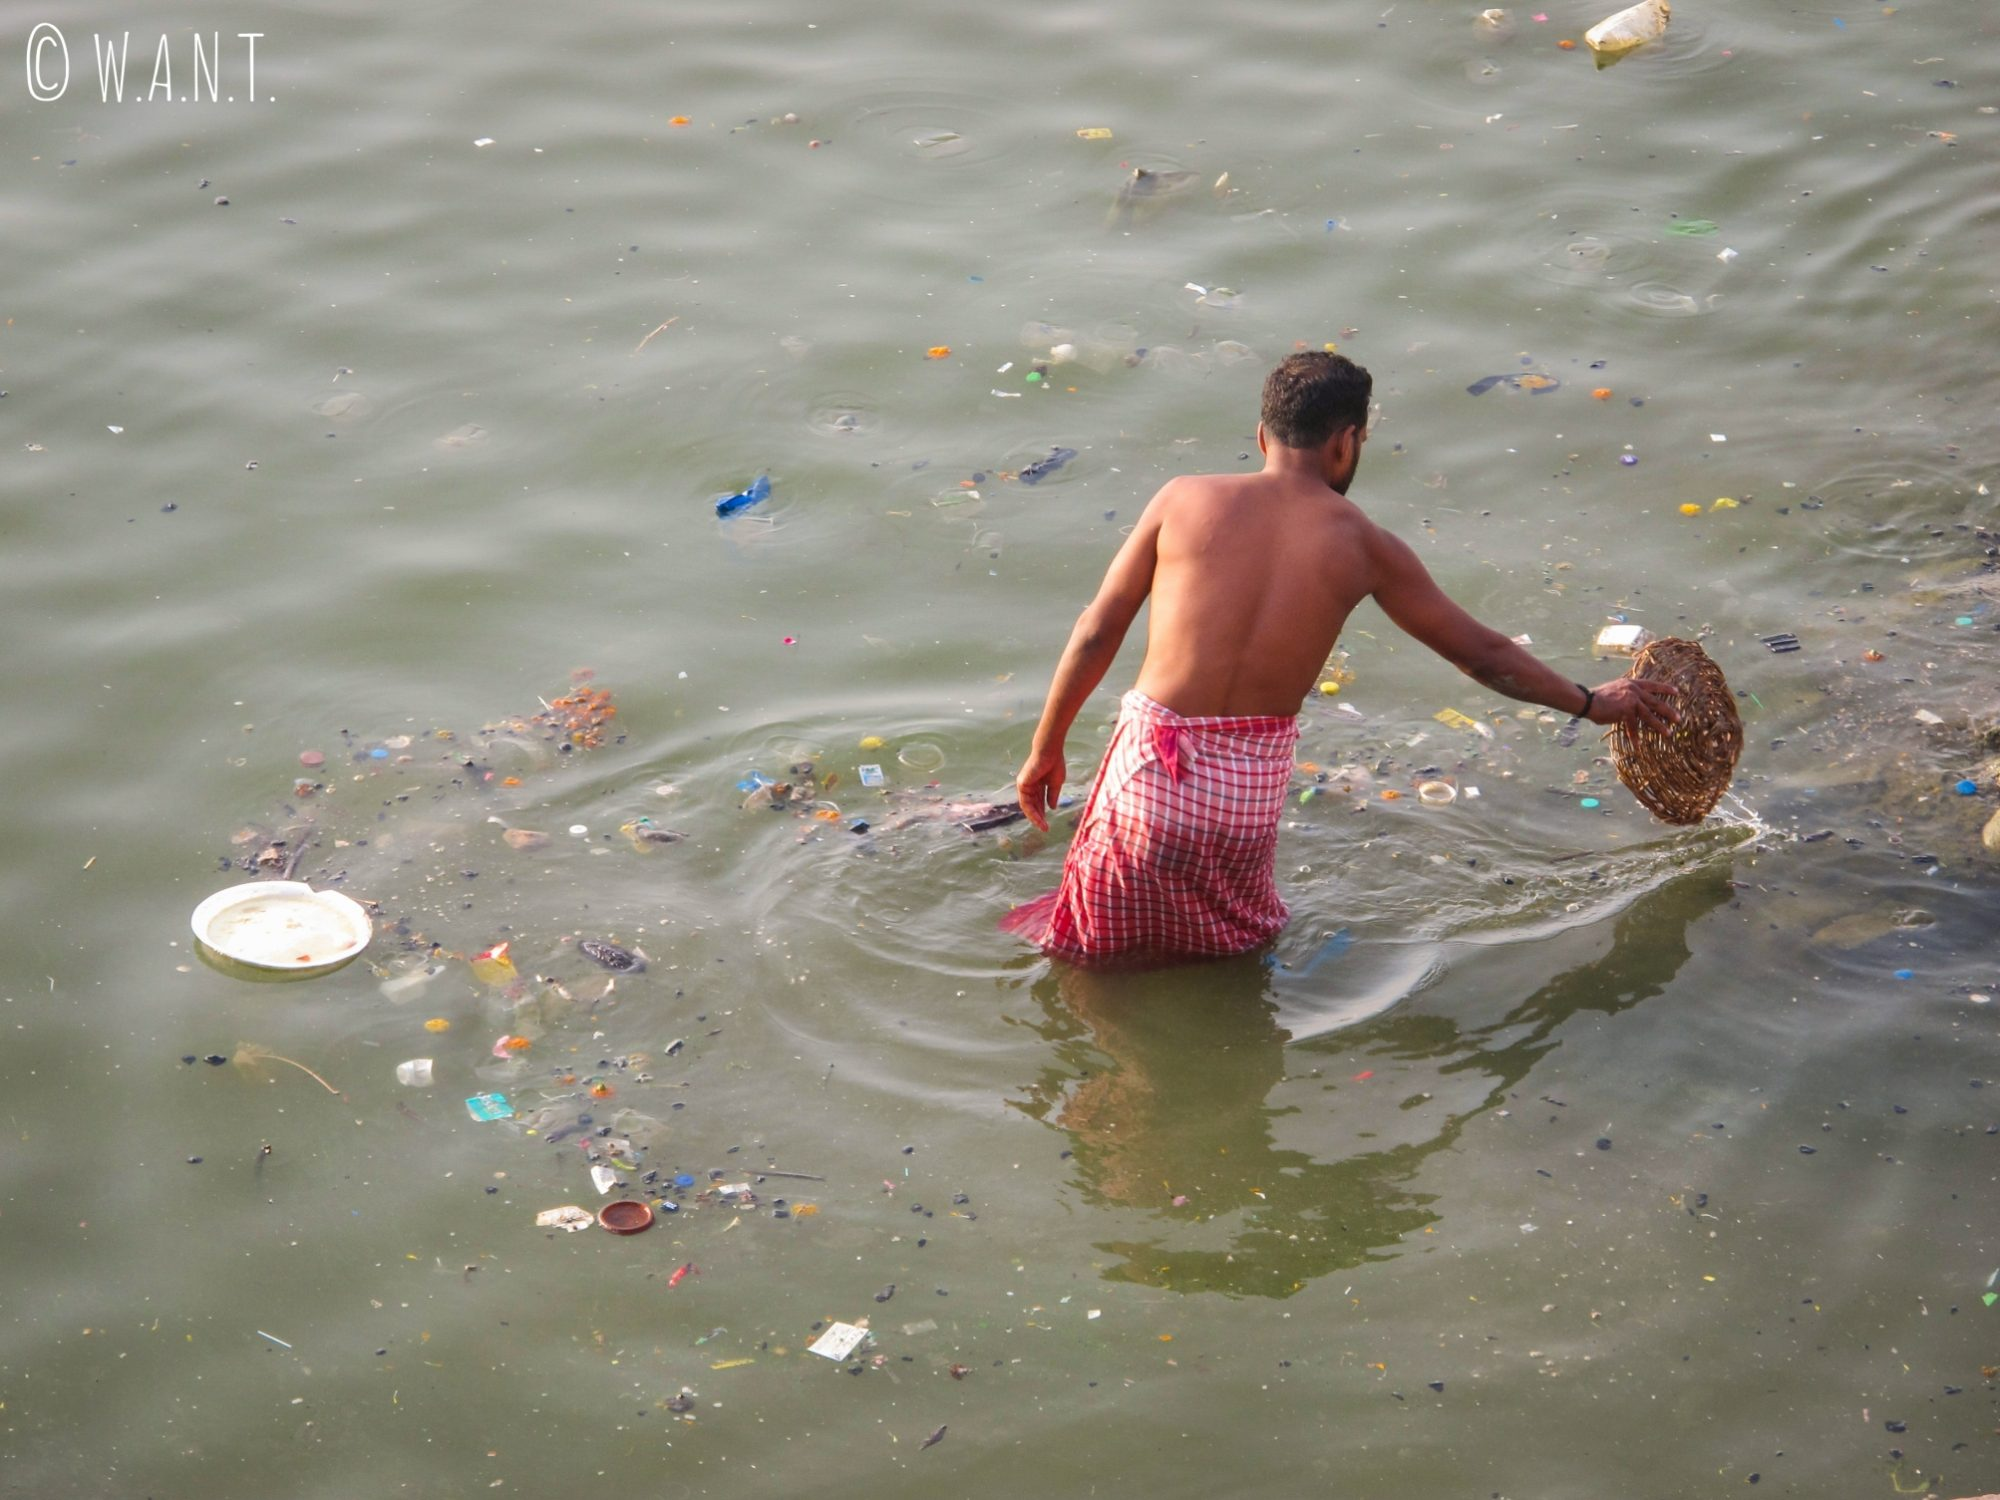 La pollution du Gange est assez incroyable et explique que Benjamin n'ait pas finalement pas souhaité s'y plonger !